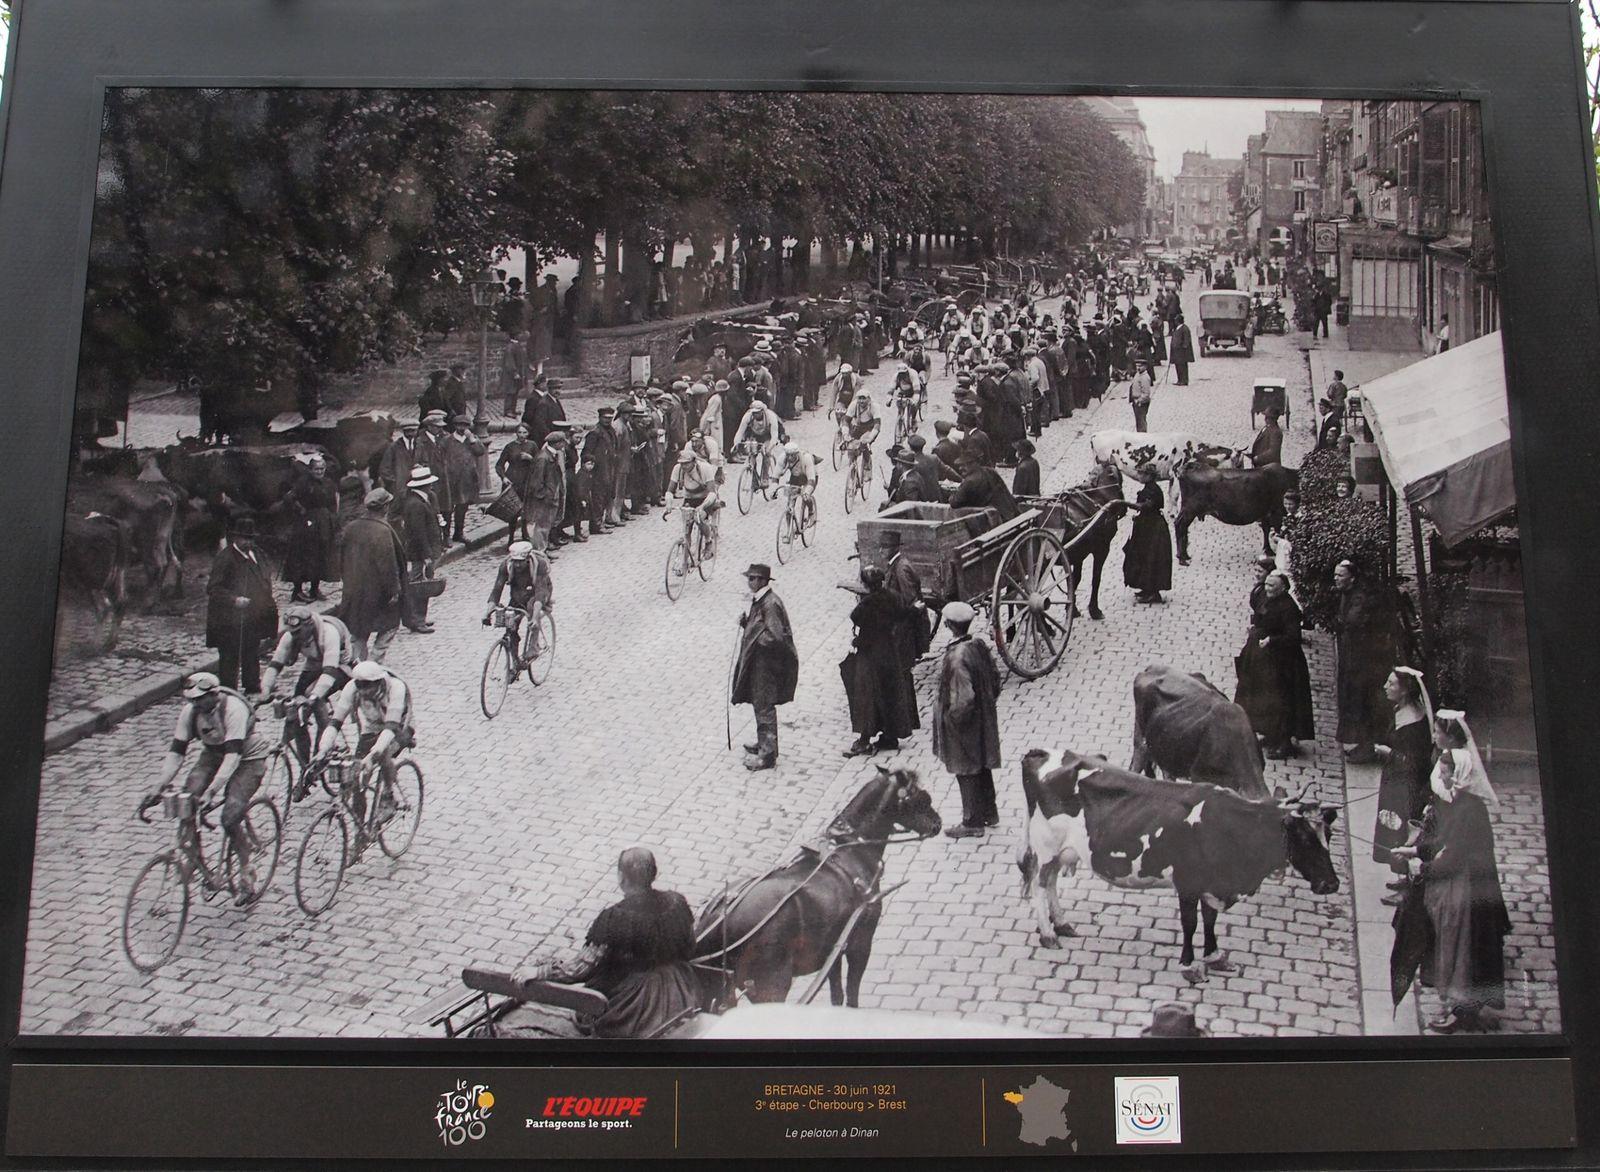 Tour-de-France-1921-dinan-Bretagne.JPG